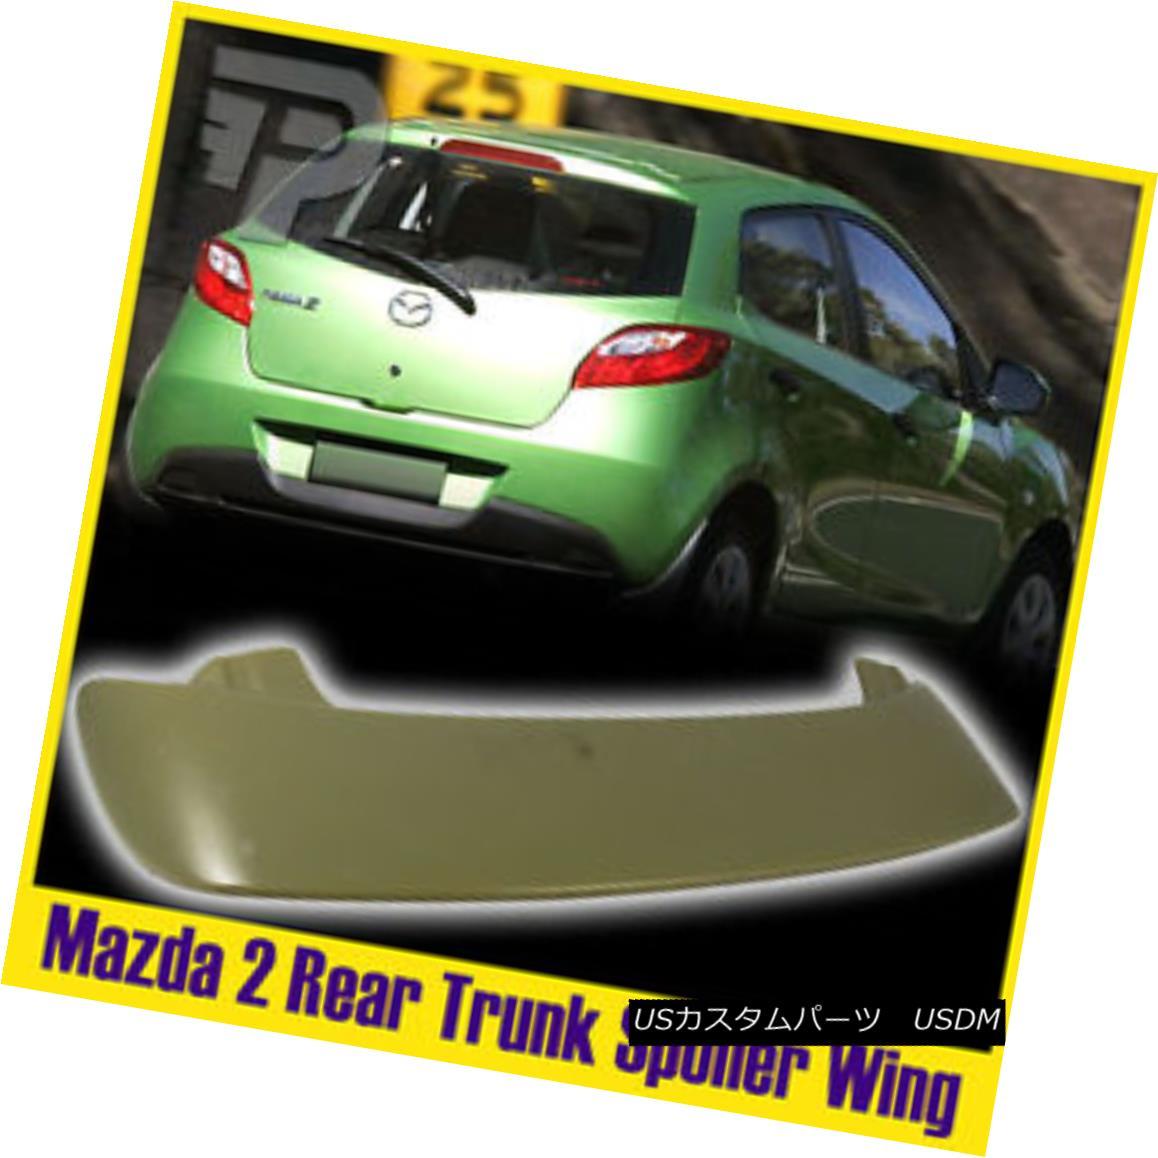 エアロパーツ Unpainted For Mazda 2 3rd Hatchback 5DR K-Type Rear Roof Visor Spoiler Wing 未塗装マツダ2 3ハッチバック5DR K型リアドアバイザースポイラーウイング